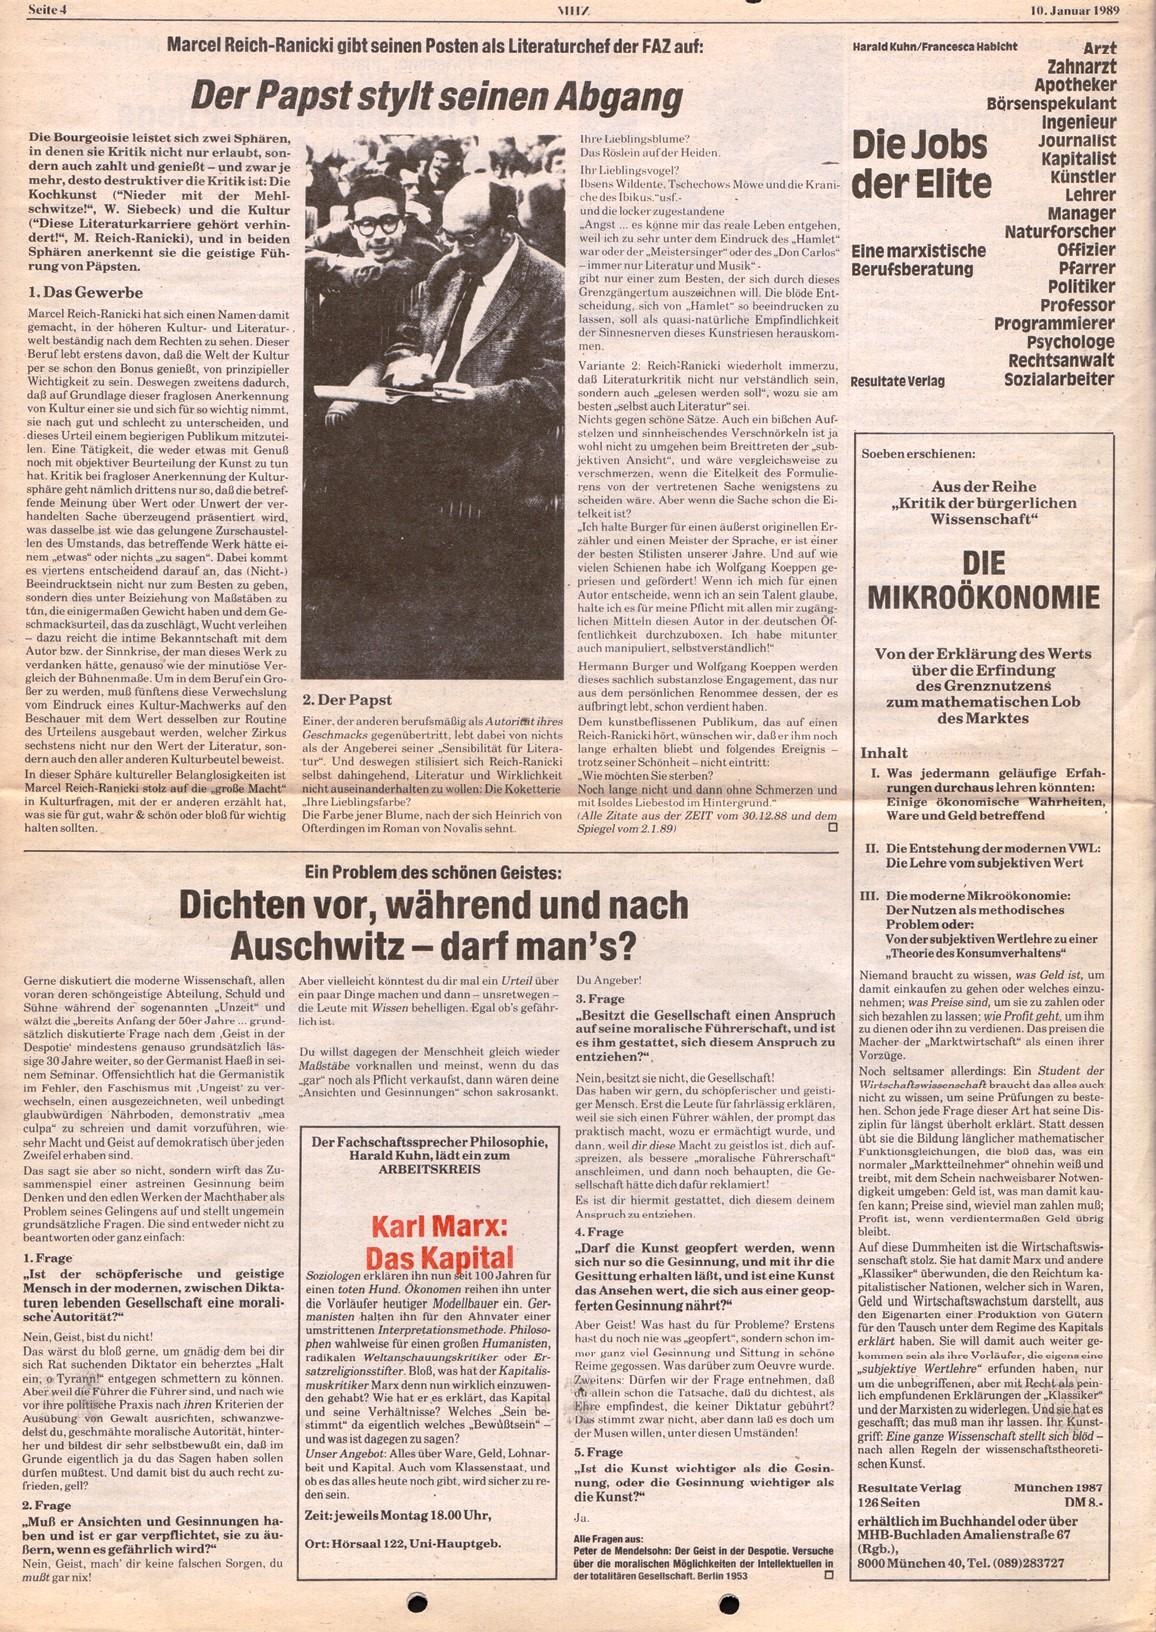 Muenchen_MG_Hochschulzeitung_19890110_04